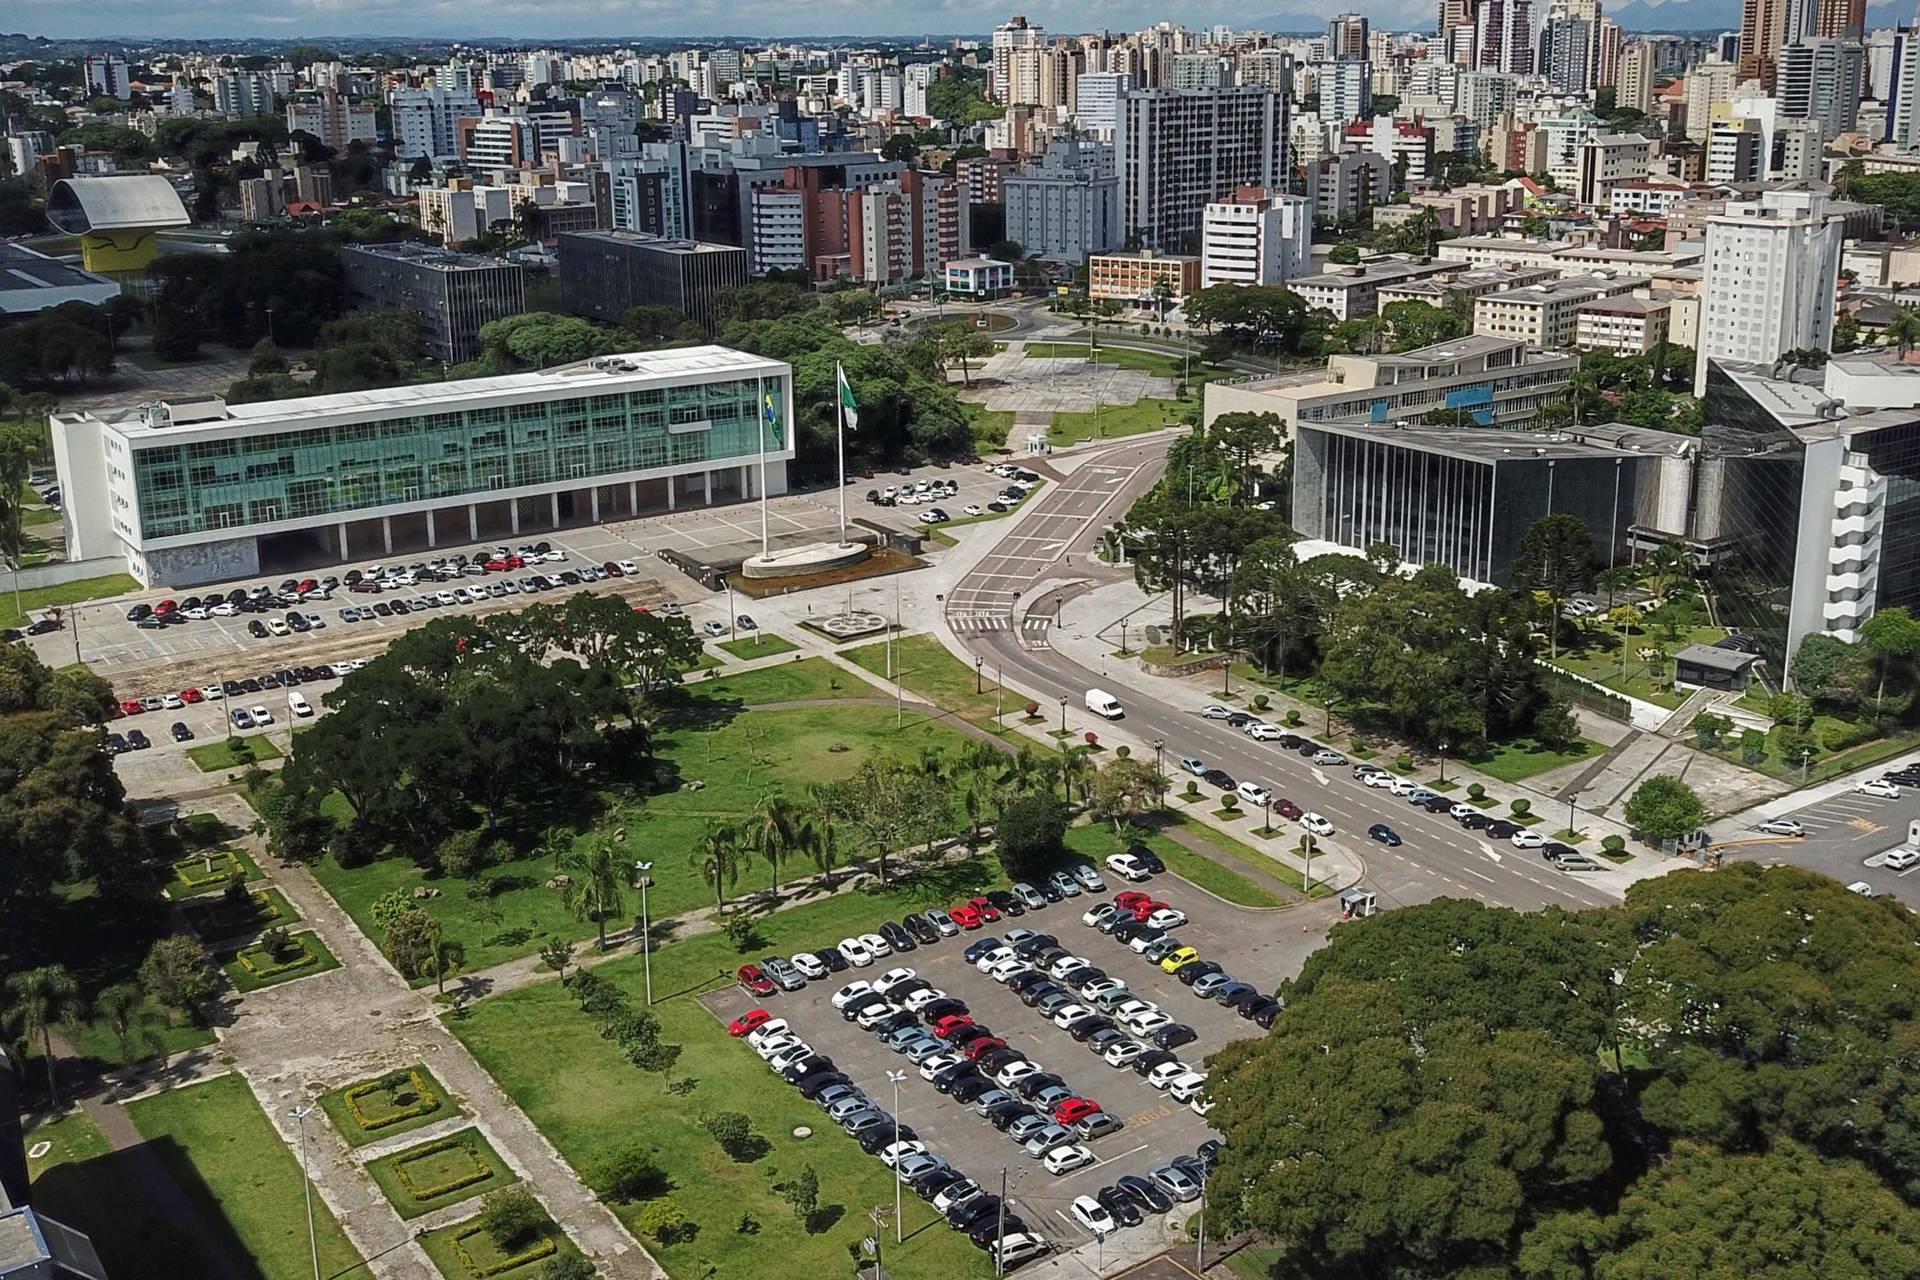 Folha adicional injetará R$ 1,83 bilhão na economia. Governador Ratinho Junior afirma que a medida de estímulo ao planejamento dos servidores mostra que o Paraná trilha caminho responsável.